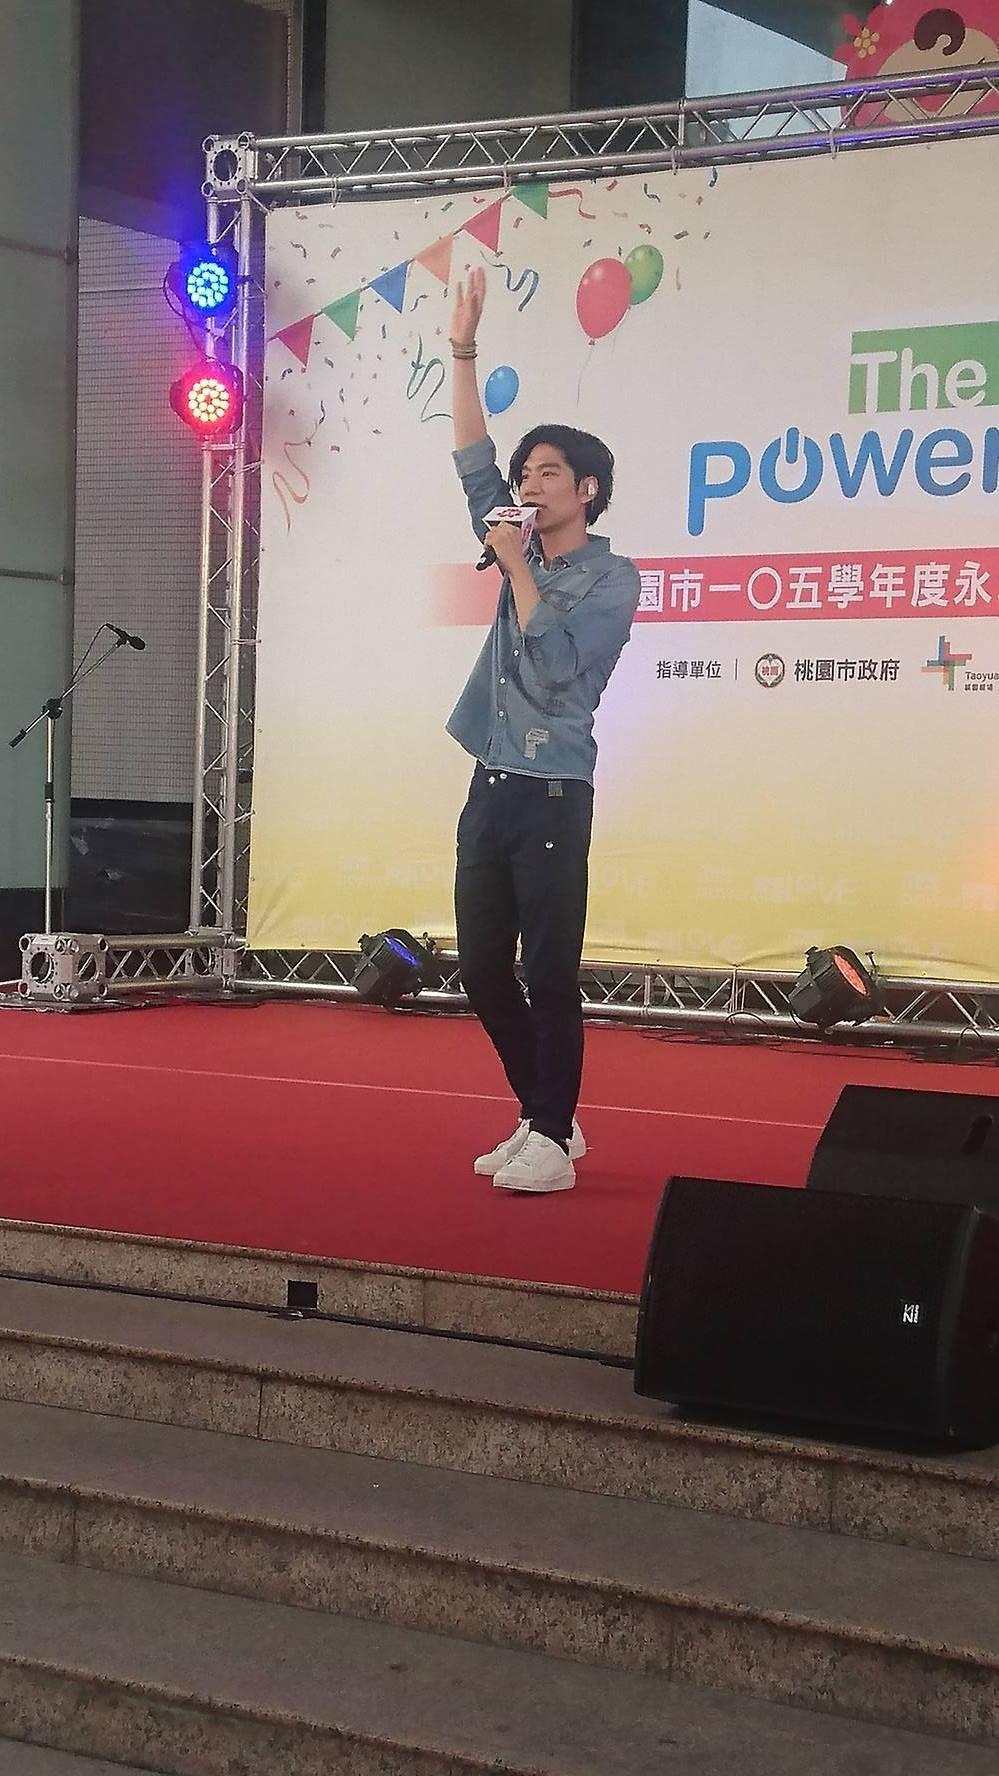 歌手潘裕文今天受邀到場演出。記者李京昇/攝影